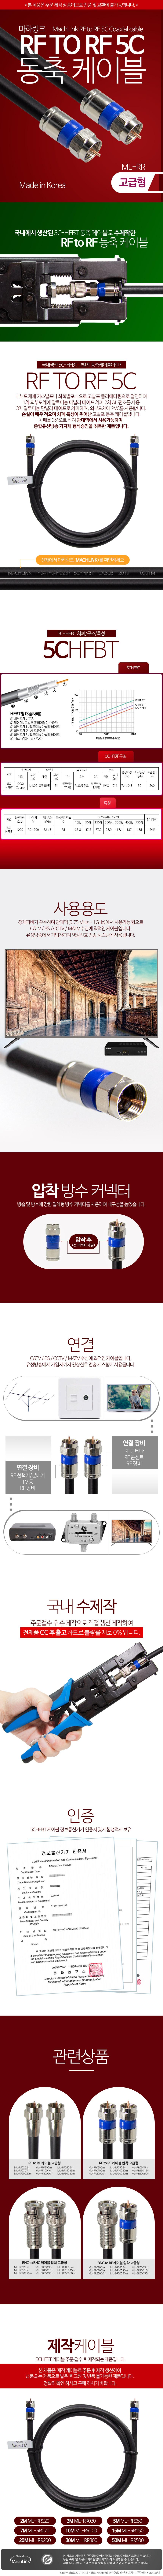 마하링크  RF to RF 5C 동축 케이블 (ML-RR)(30m)